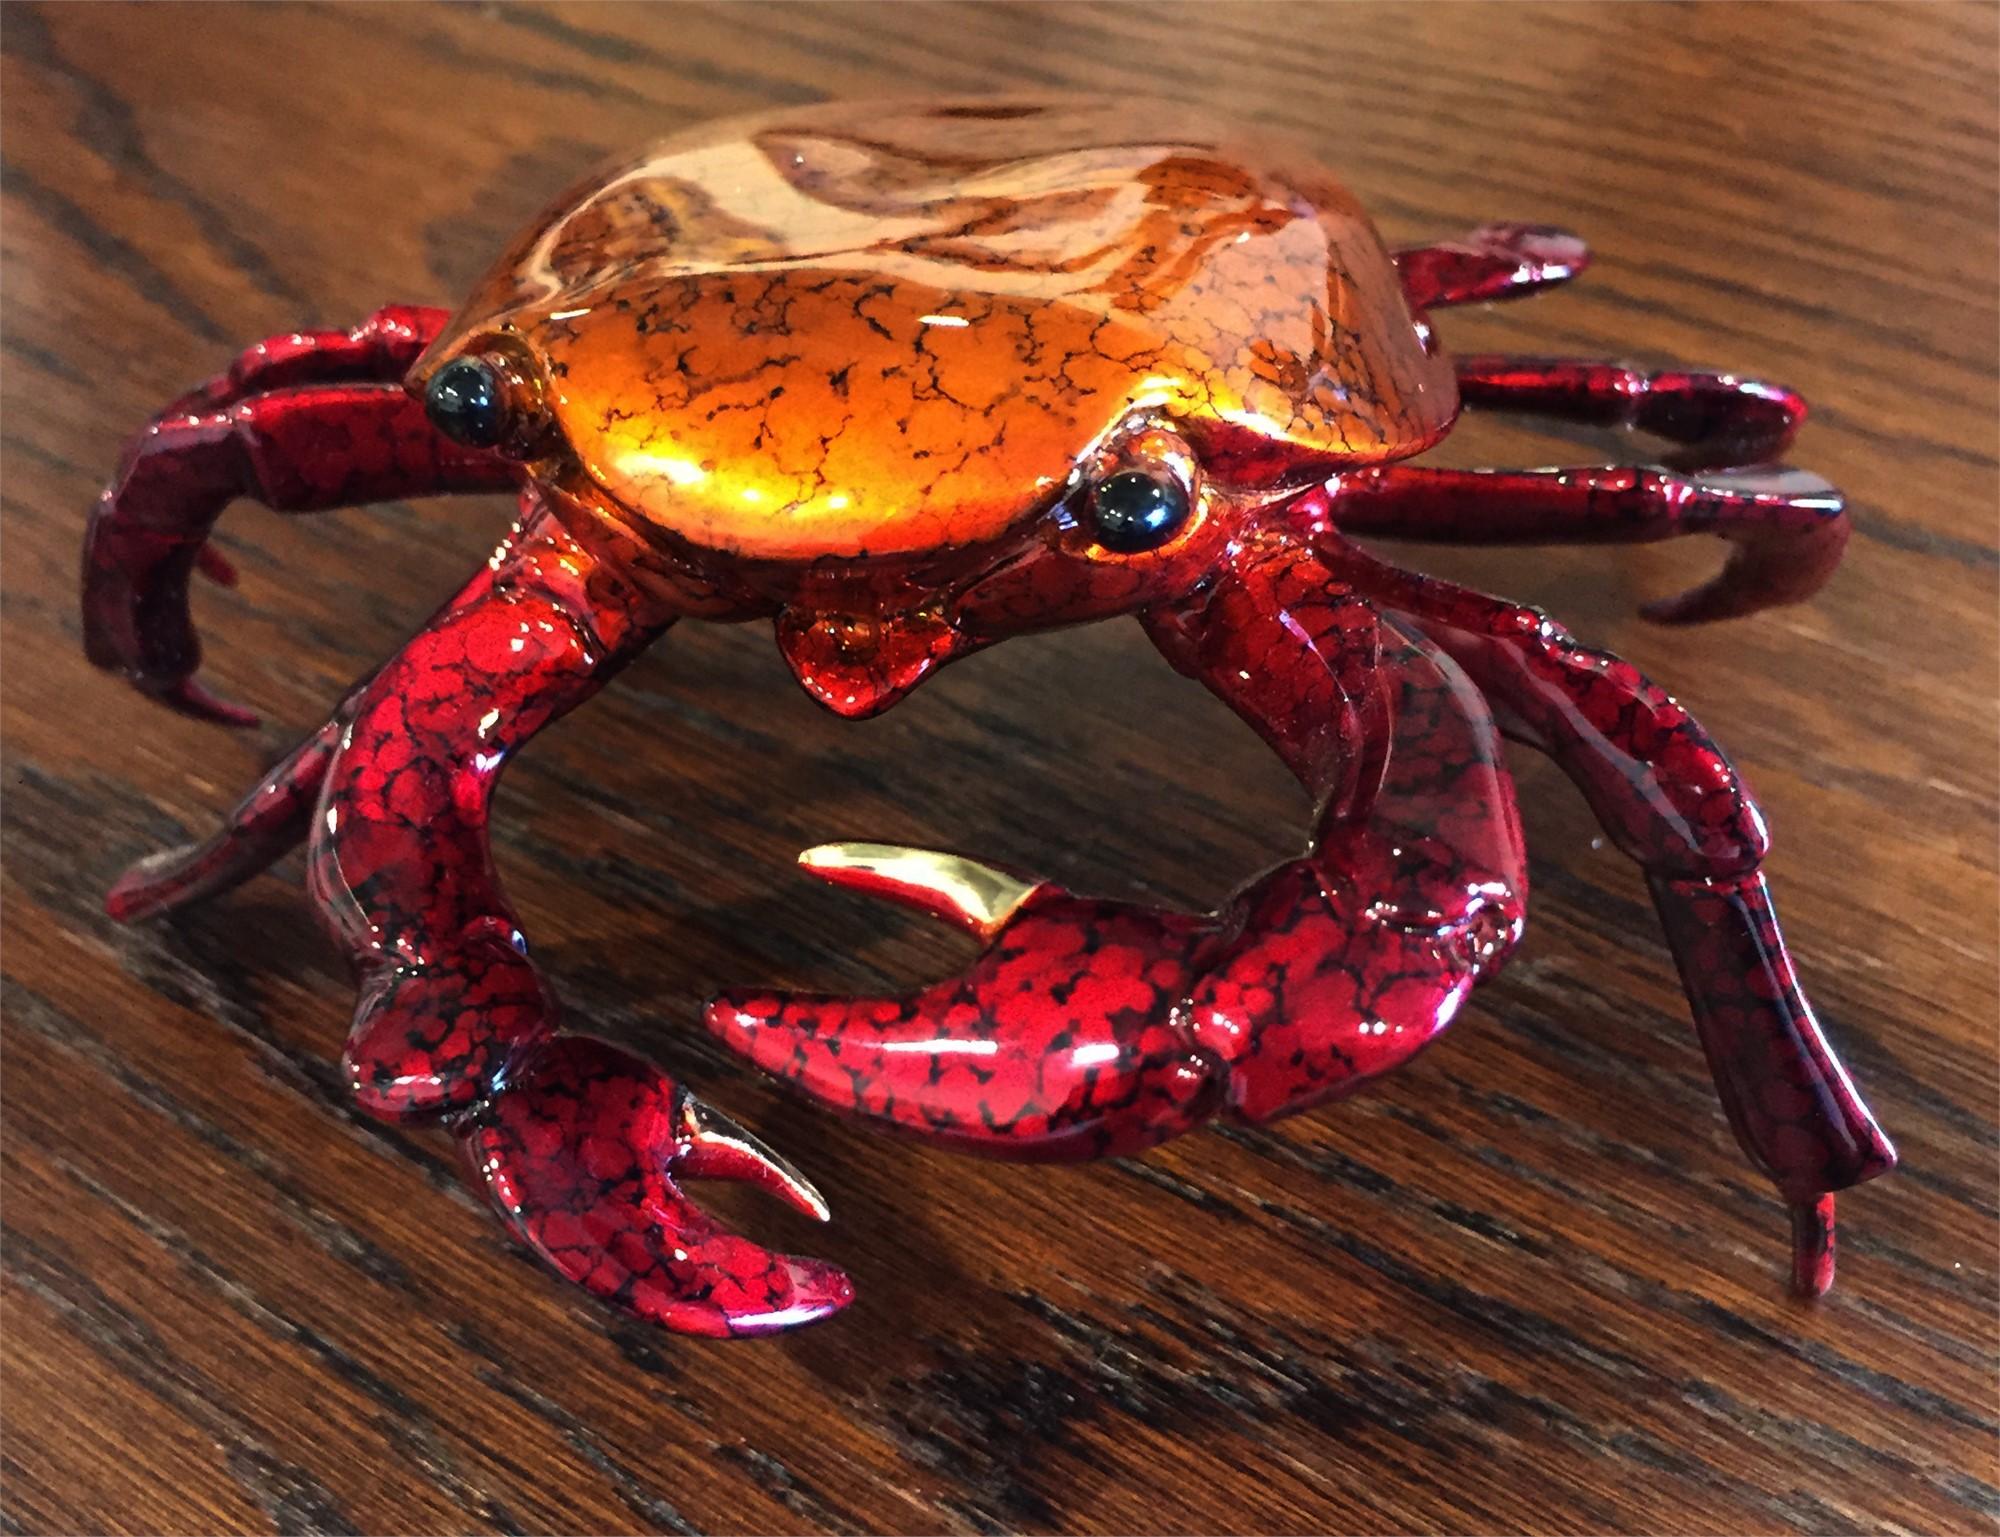 Medium Sally Lightfoot Crab by Brian Arthur